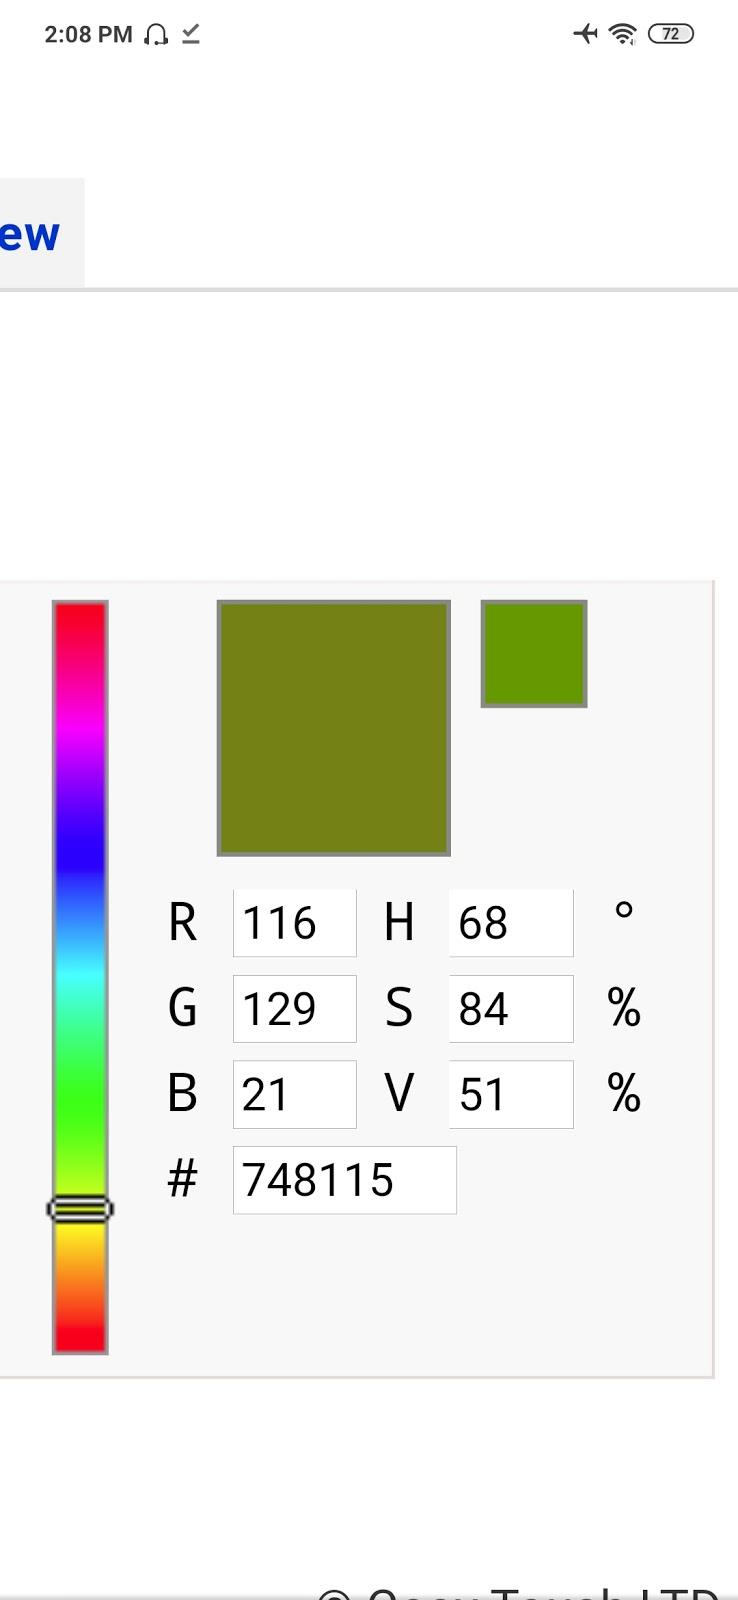 Screenshot_2020-01-16-14-08-44-563_com.a